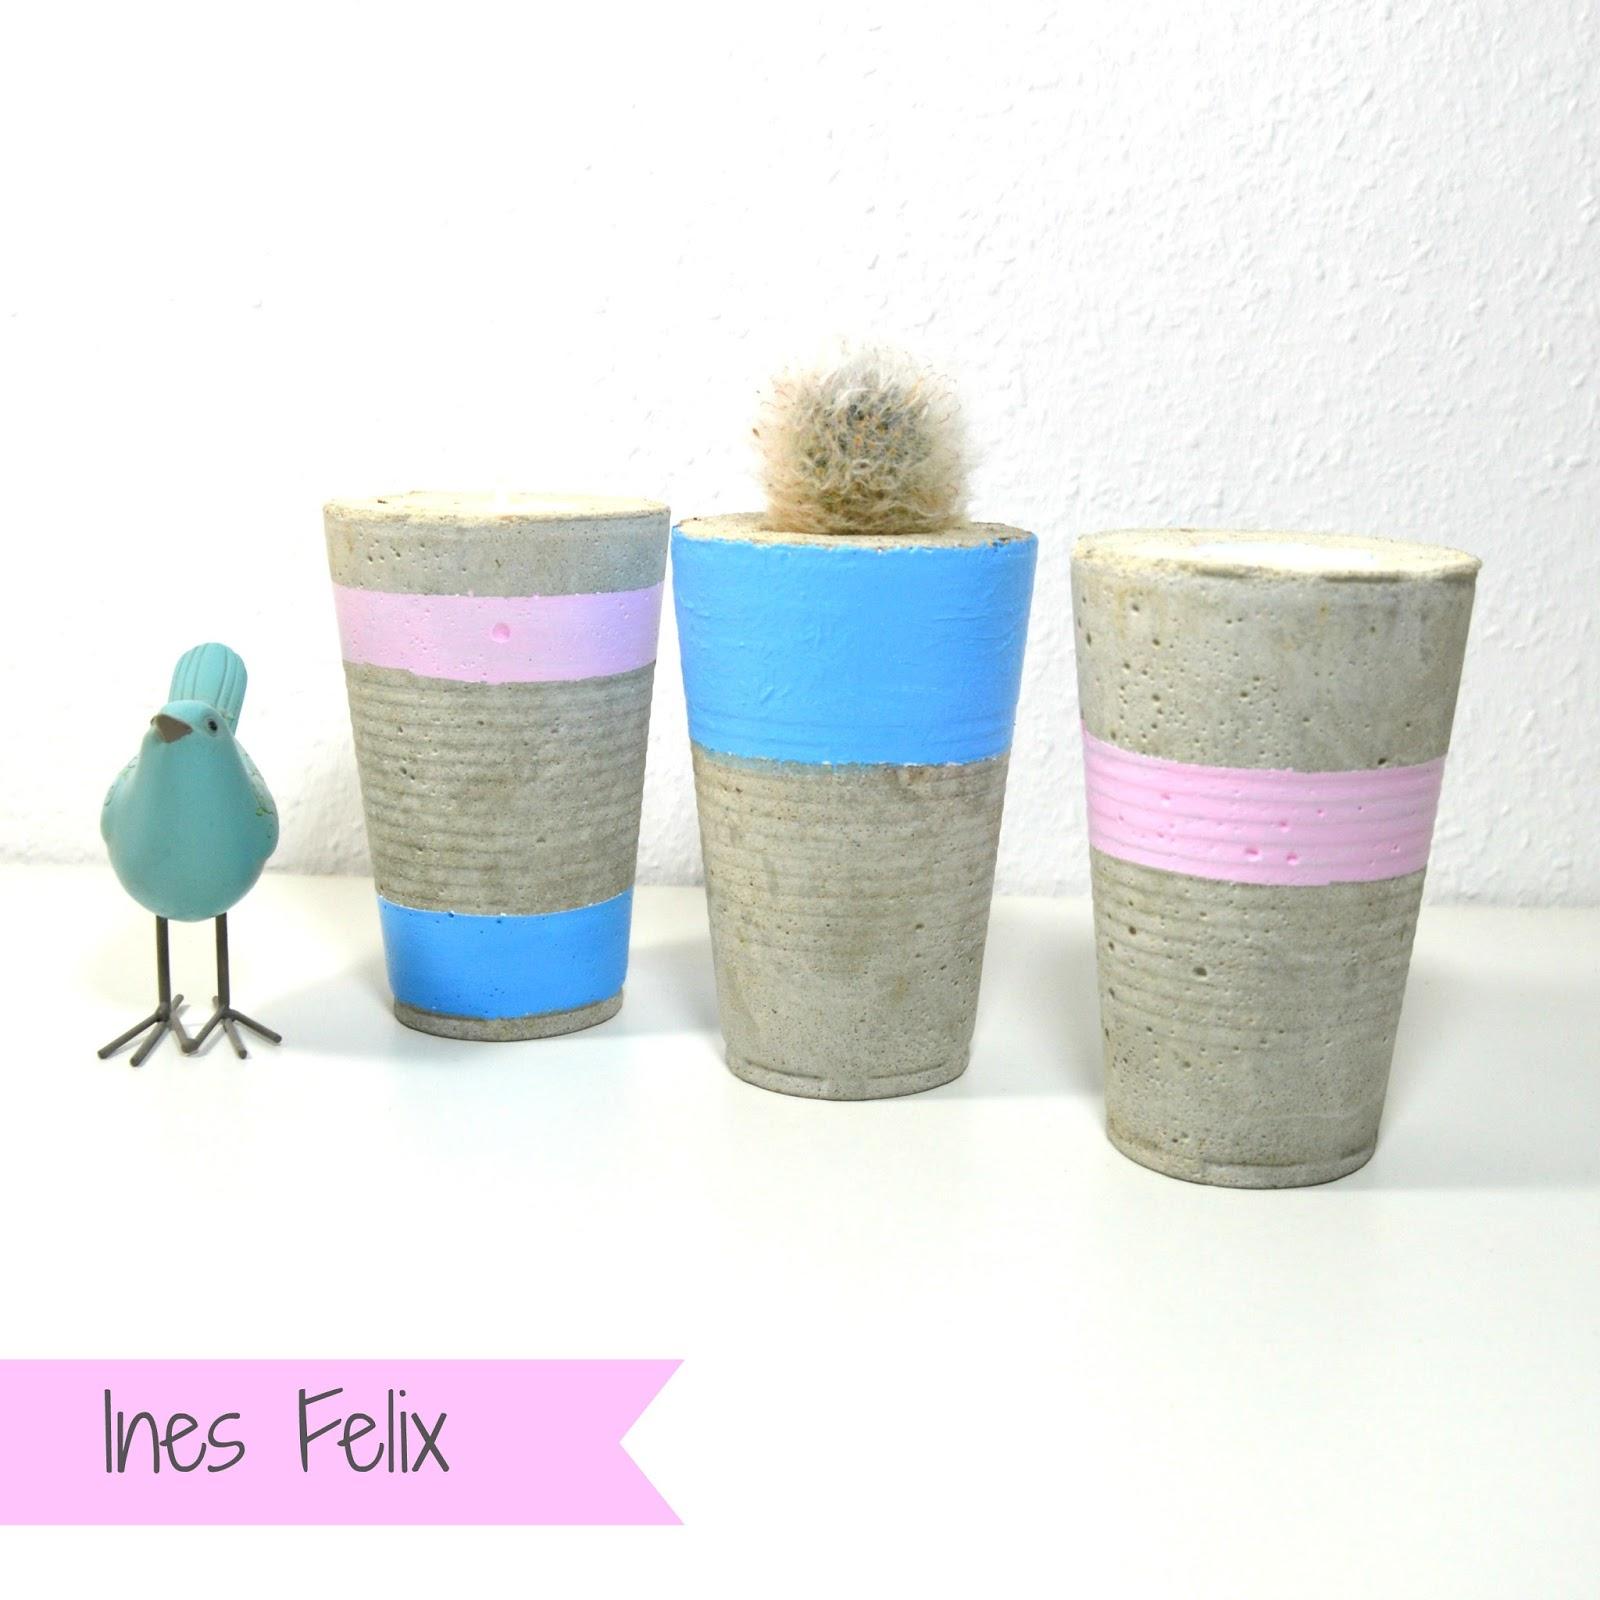 ines felix kreatives zum nachmachen beton in pastellfarben. Black Bedroom Furniture Sets. Home Design Ideas